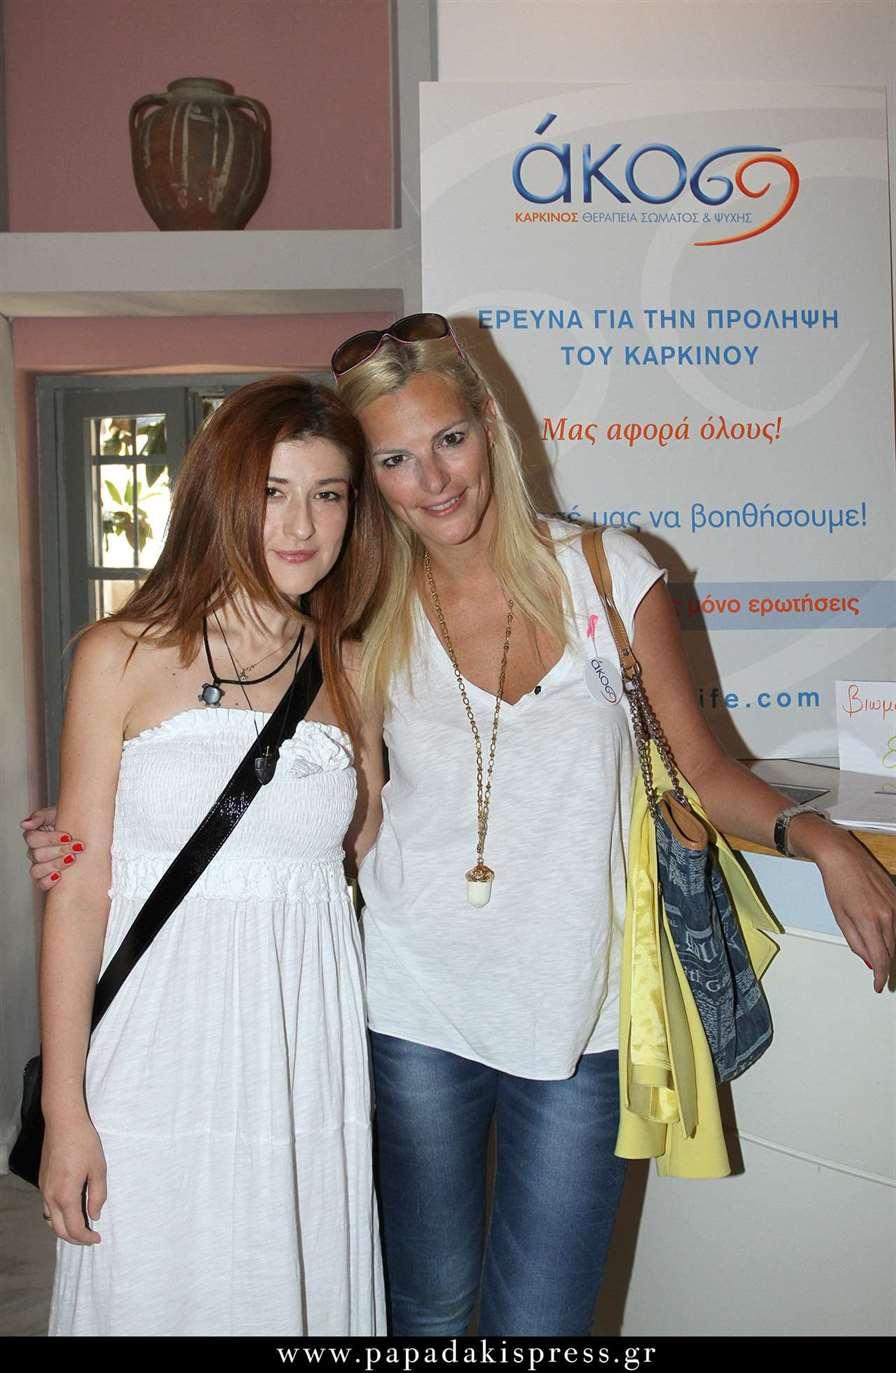 Κατερίνα Φωτοπούλου και Χρύσα Παρασκευοπούλου